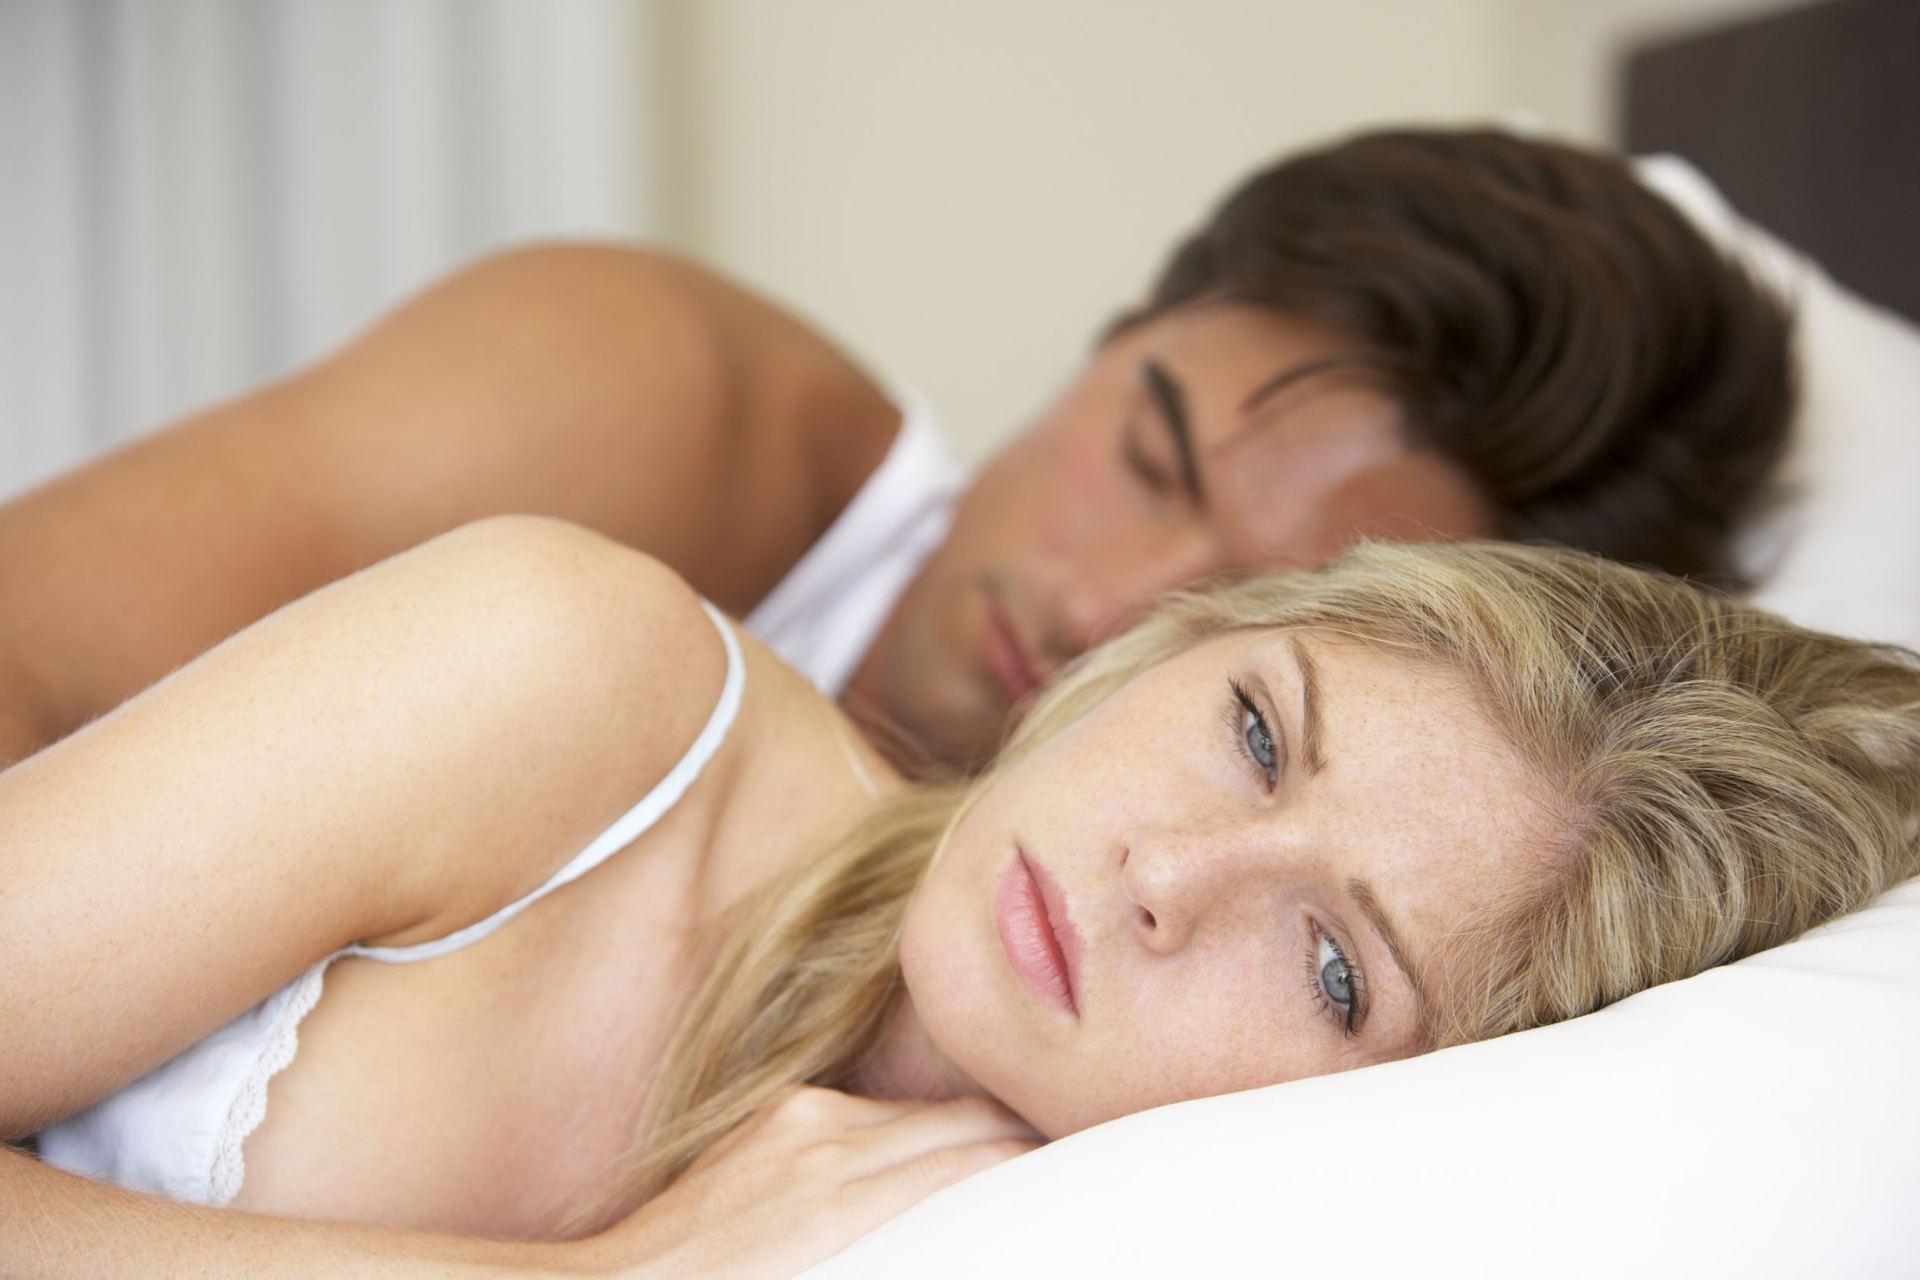 diskomfortas erekcijos metu vyru nario ir nuotrauku matmenys